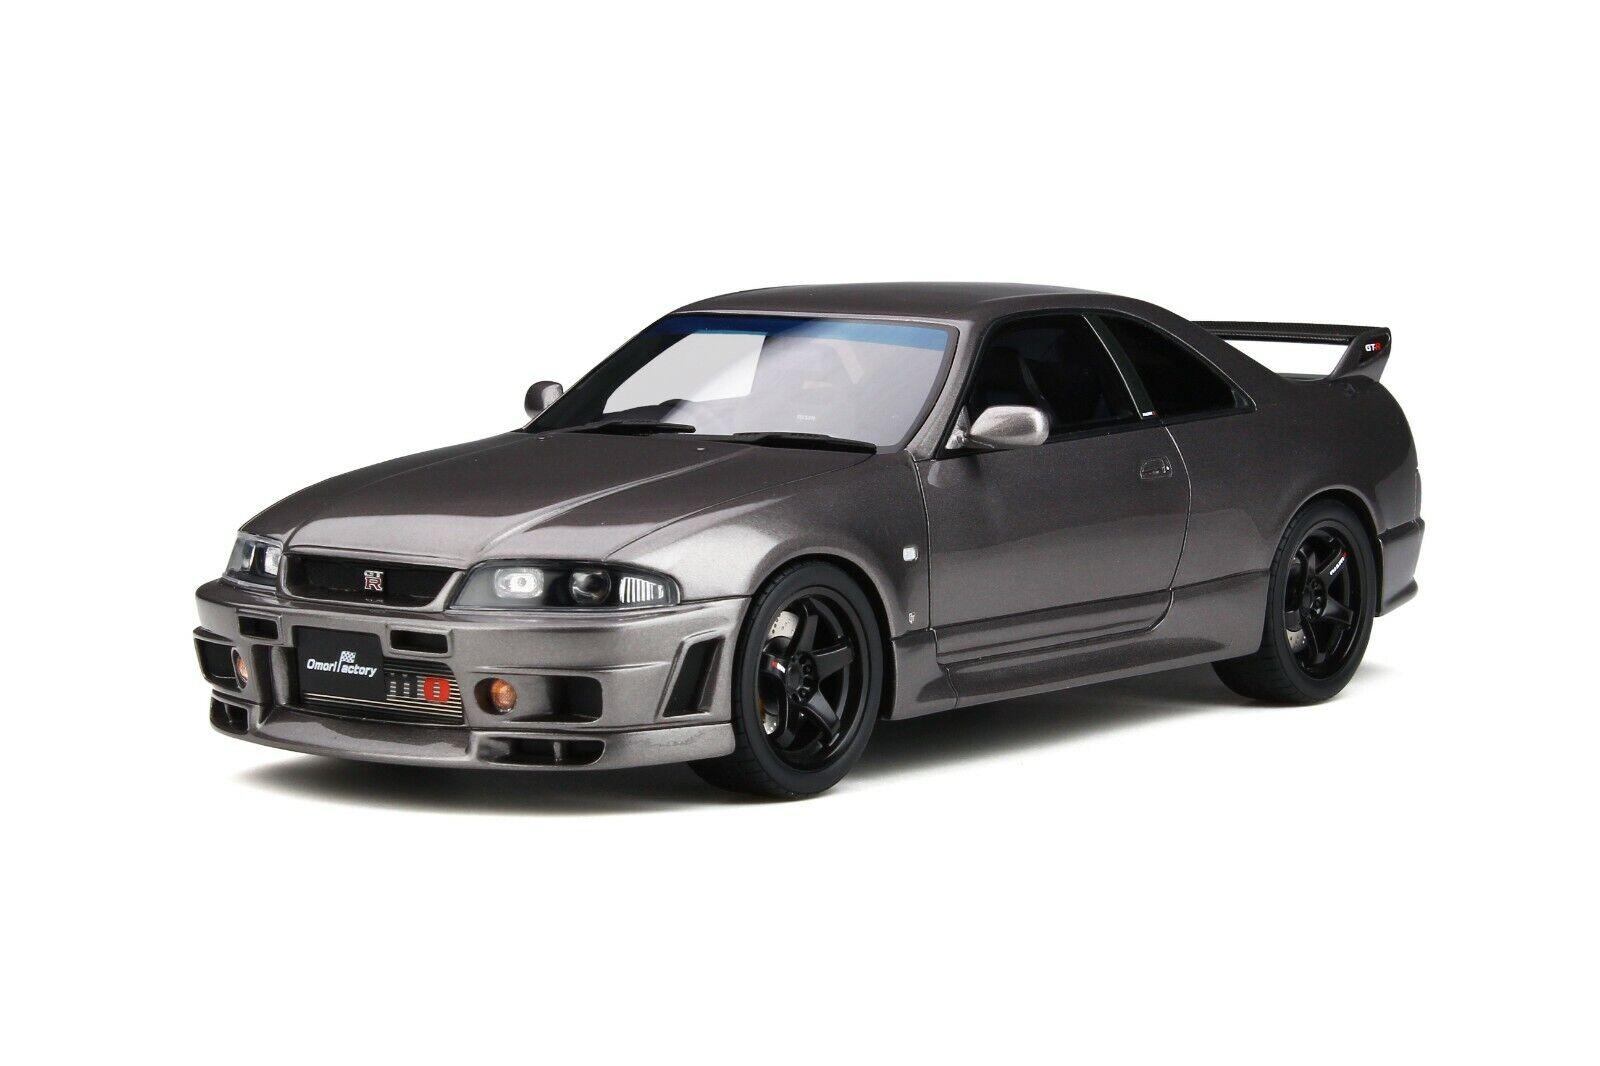 Nissan Skyline GT-R  Grand Touring Coche  Omori Factory  nuevo  Otto ot758 1 18